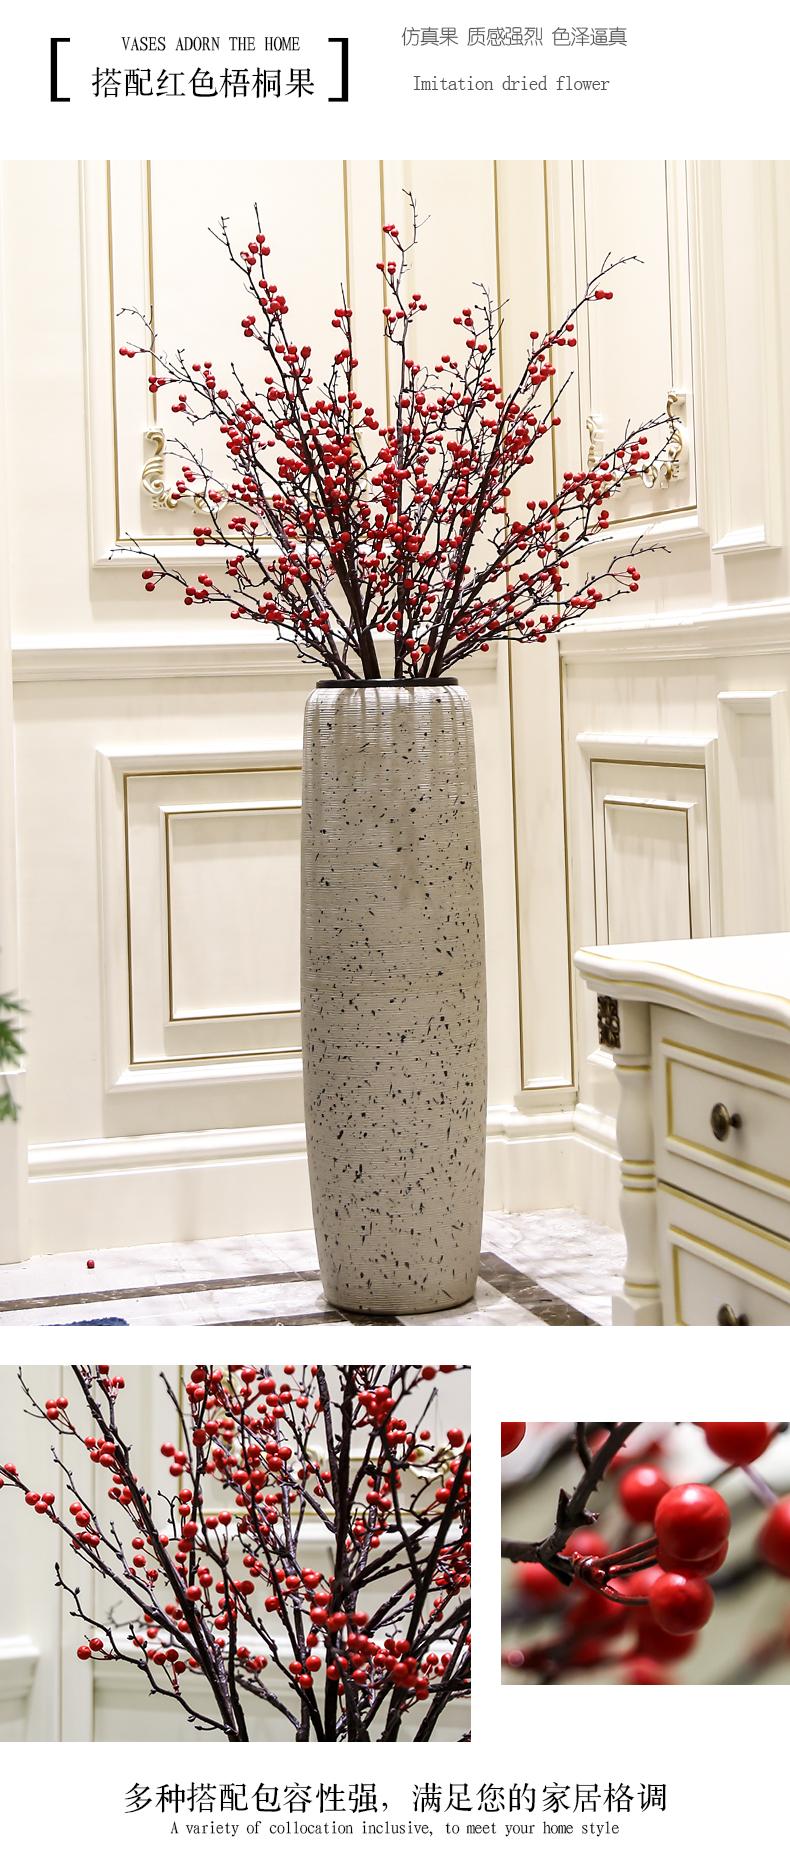 现代简约落地陶瓷大号花瓶干花插花装饰摆件家居客厅欧式创意花器